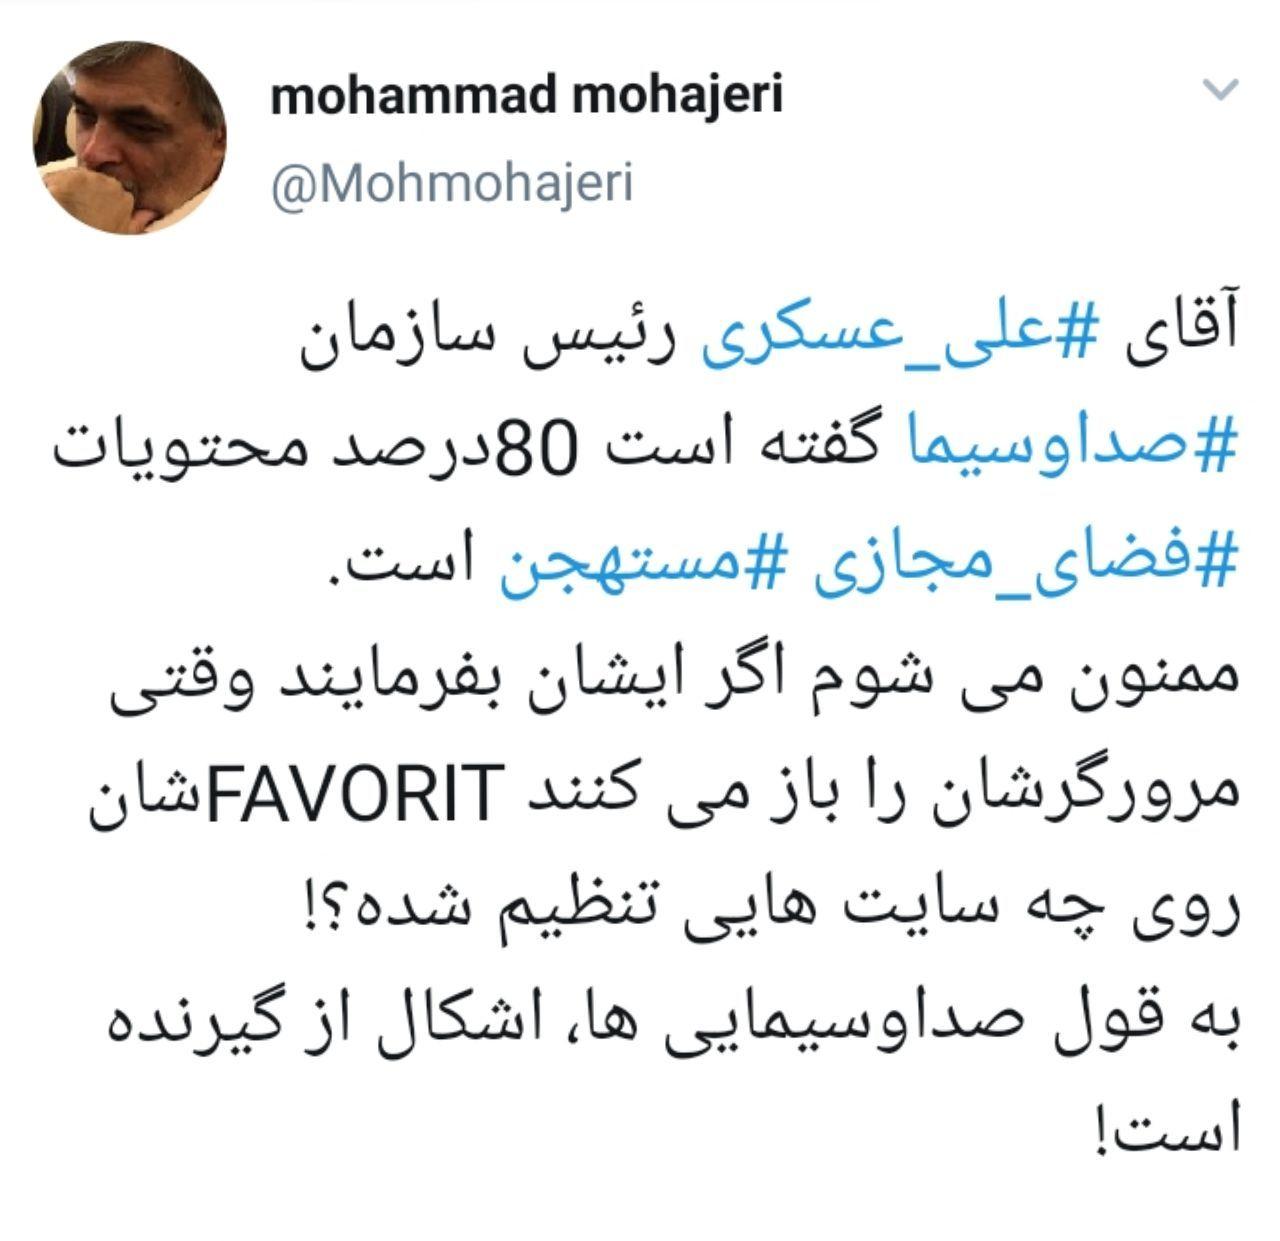 واکنش یک فعال اصولگرا به ادعای رئیس صداوسیما مبنی بر مستهجن بودن فضای مجازی: جناب علی عسگری اشکال از گیرنده شماست